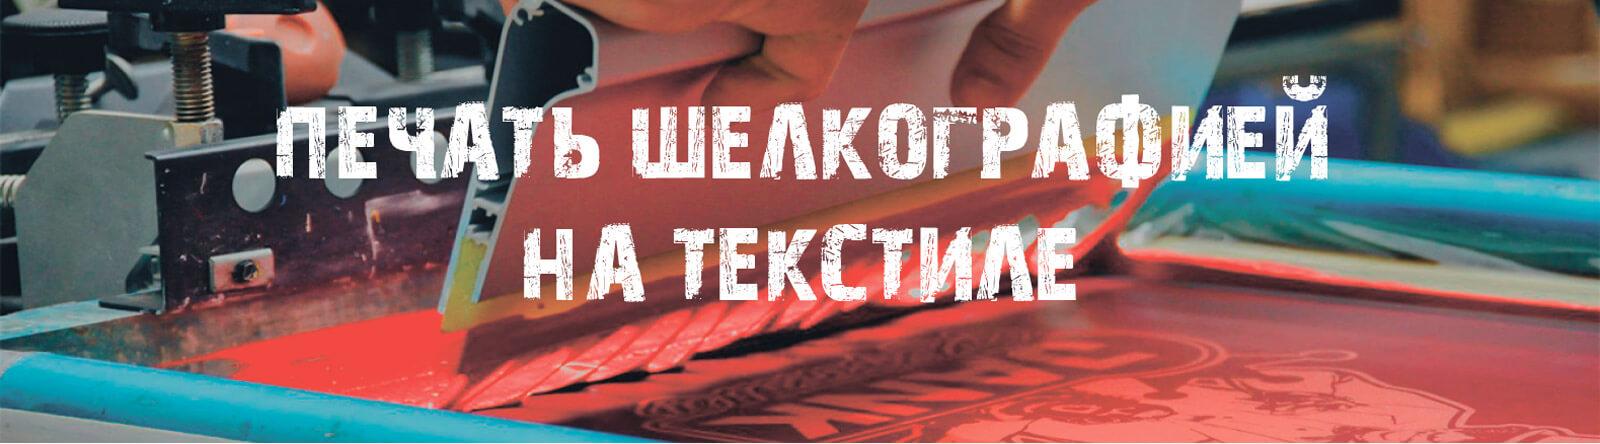 Печать шелкографией на текстиле